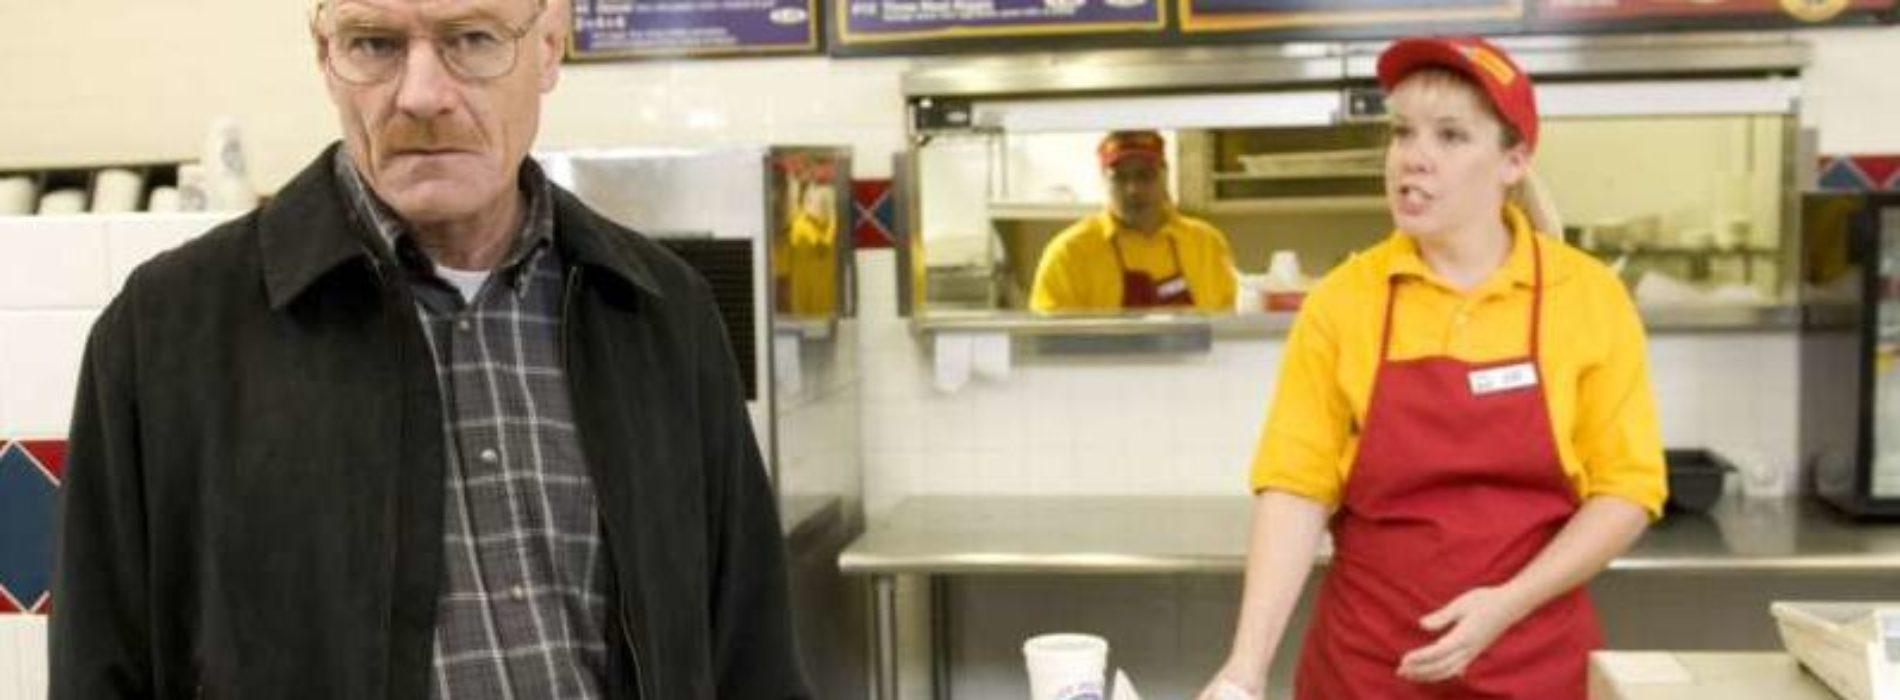 Los Pollos Hermanos a Roma e Milano, apre per due giorni il fast food di Breaking Bad